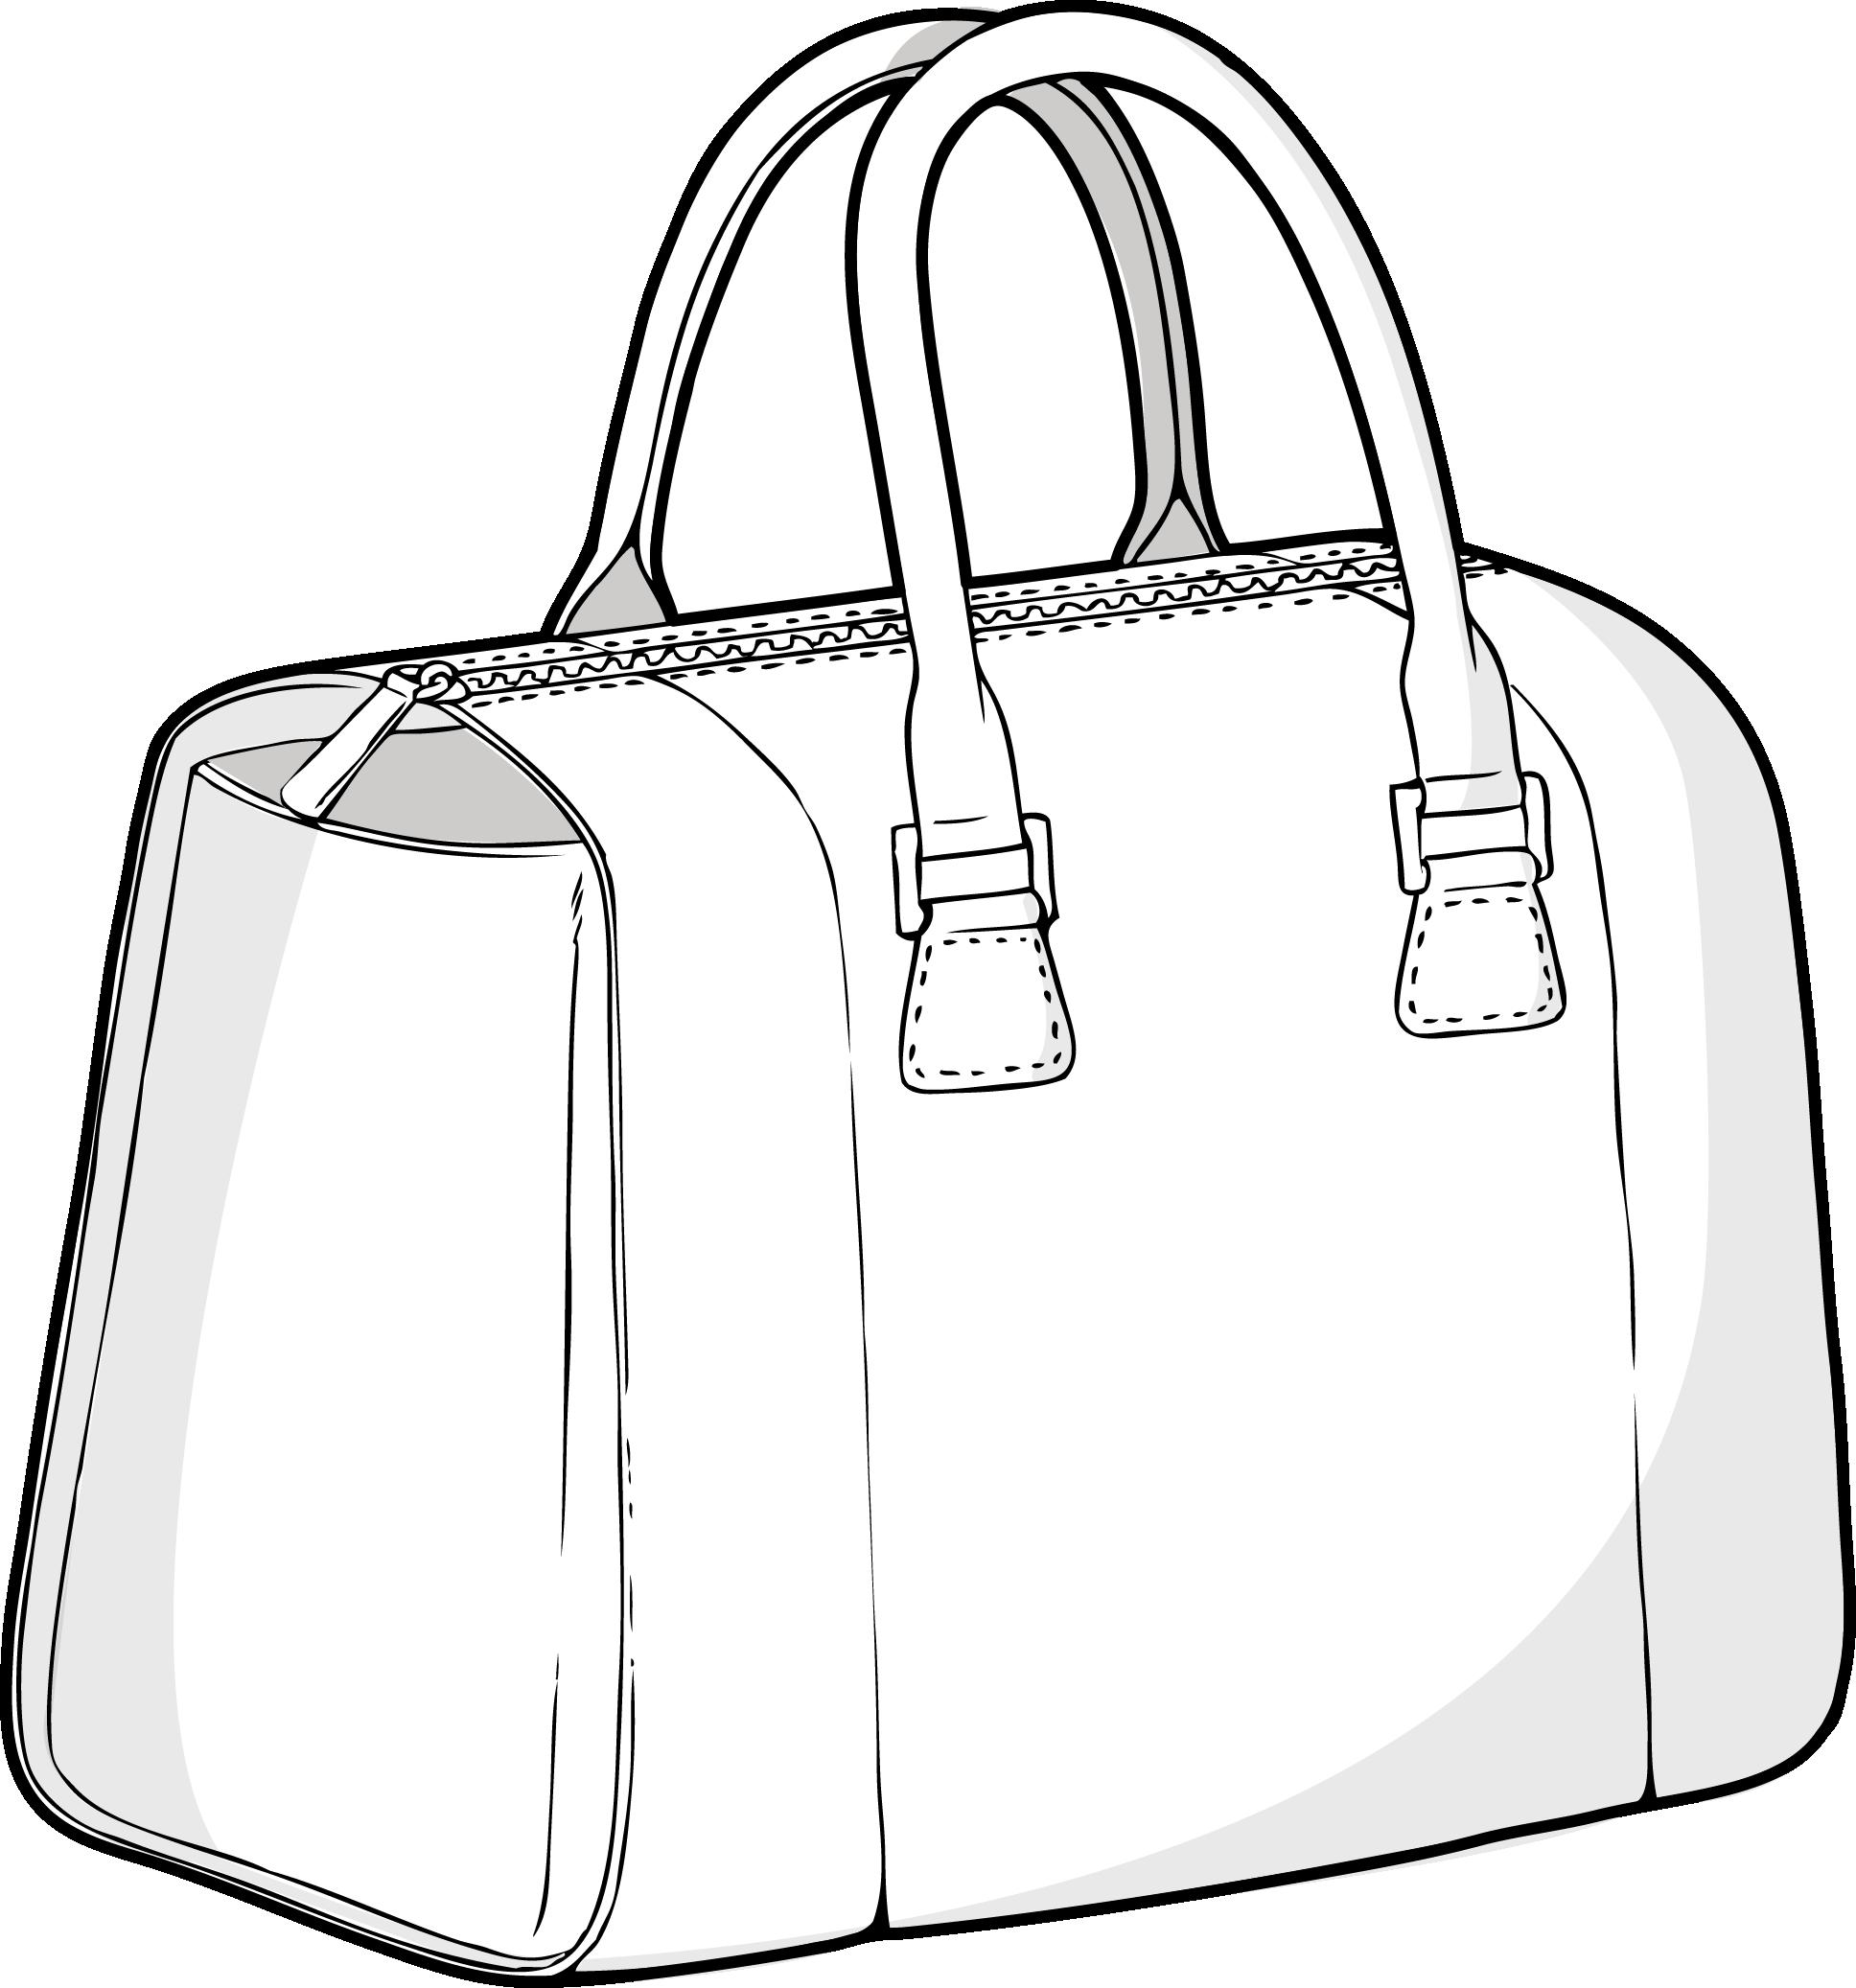 Hands clipart purse. Architectural box nani coldine